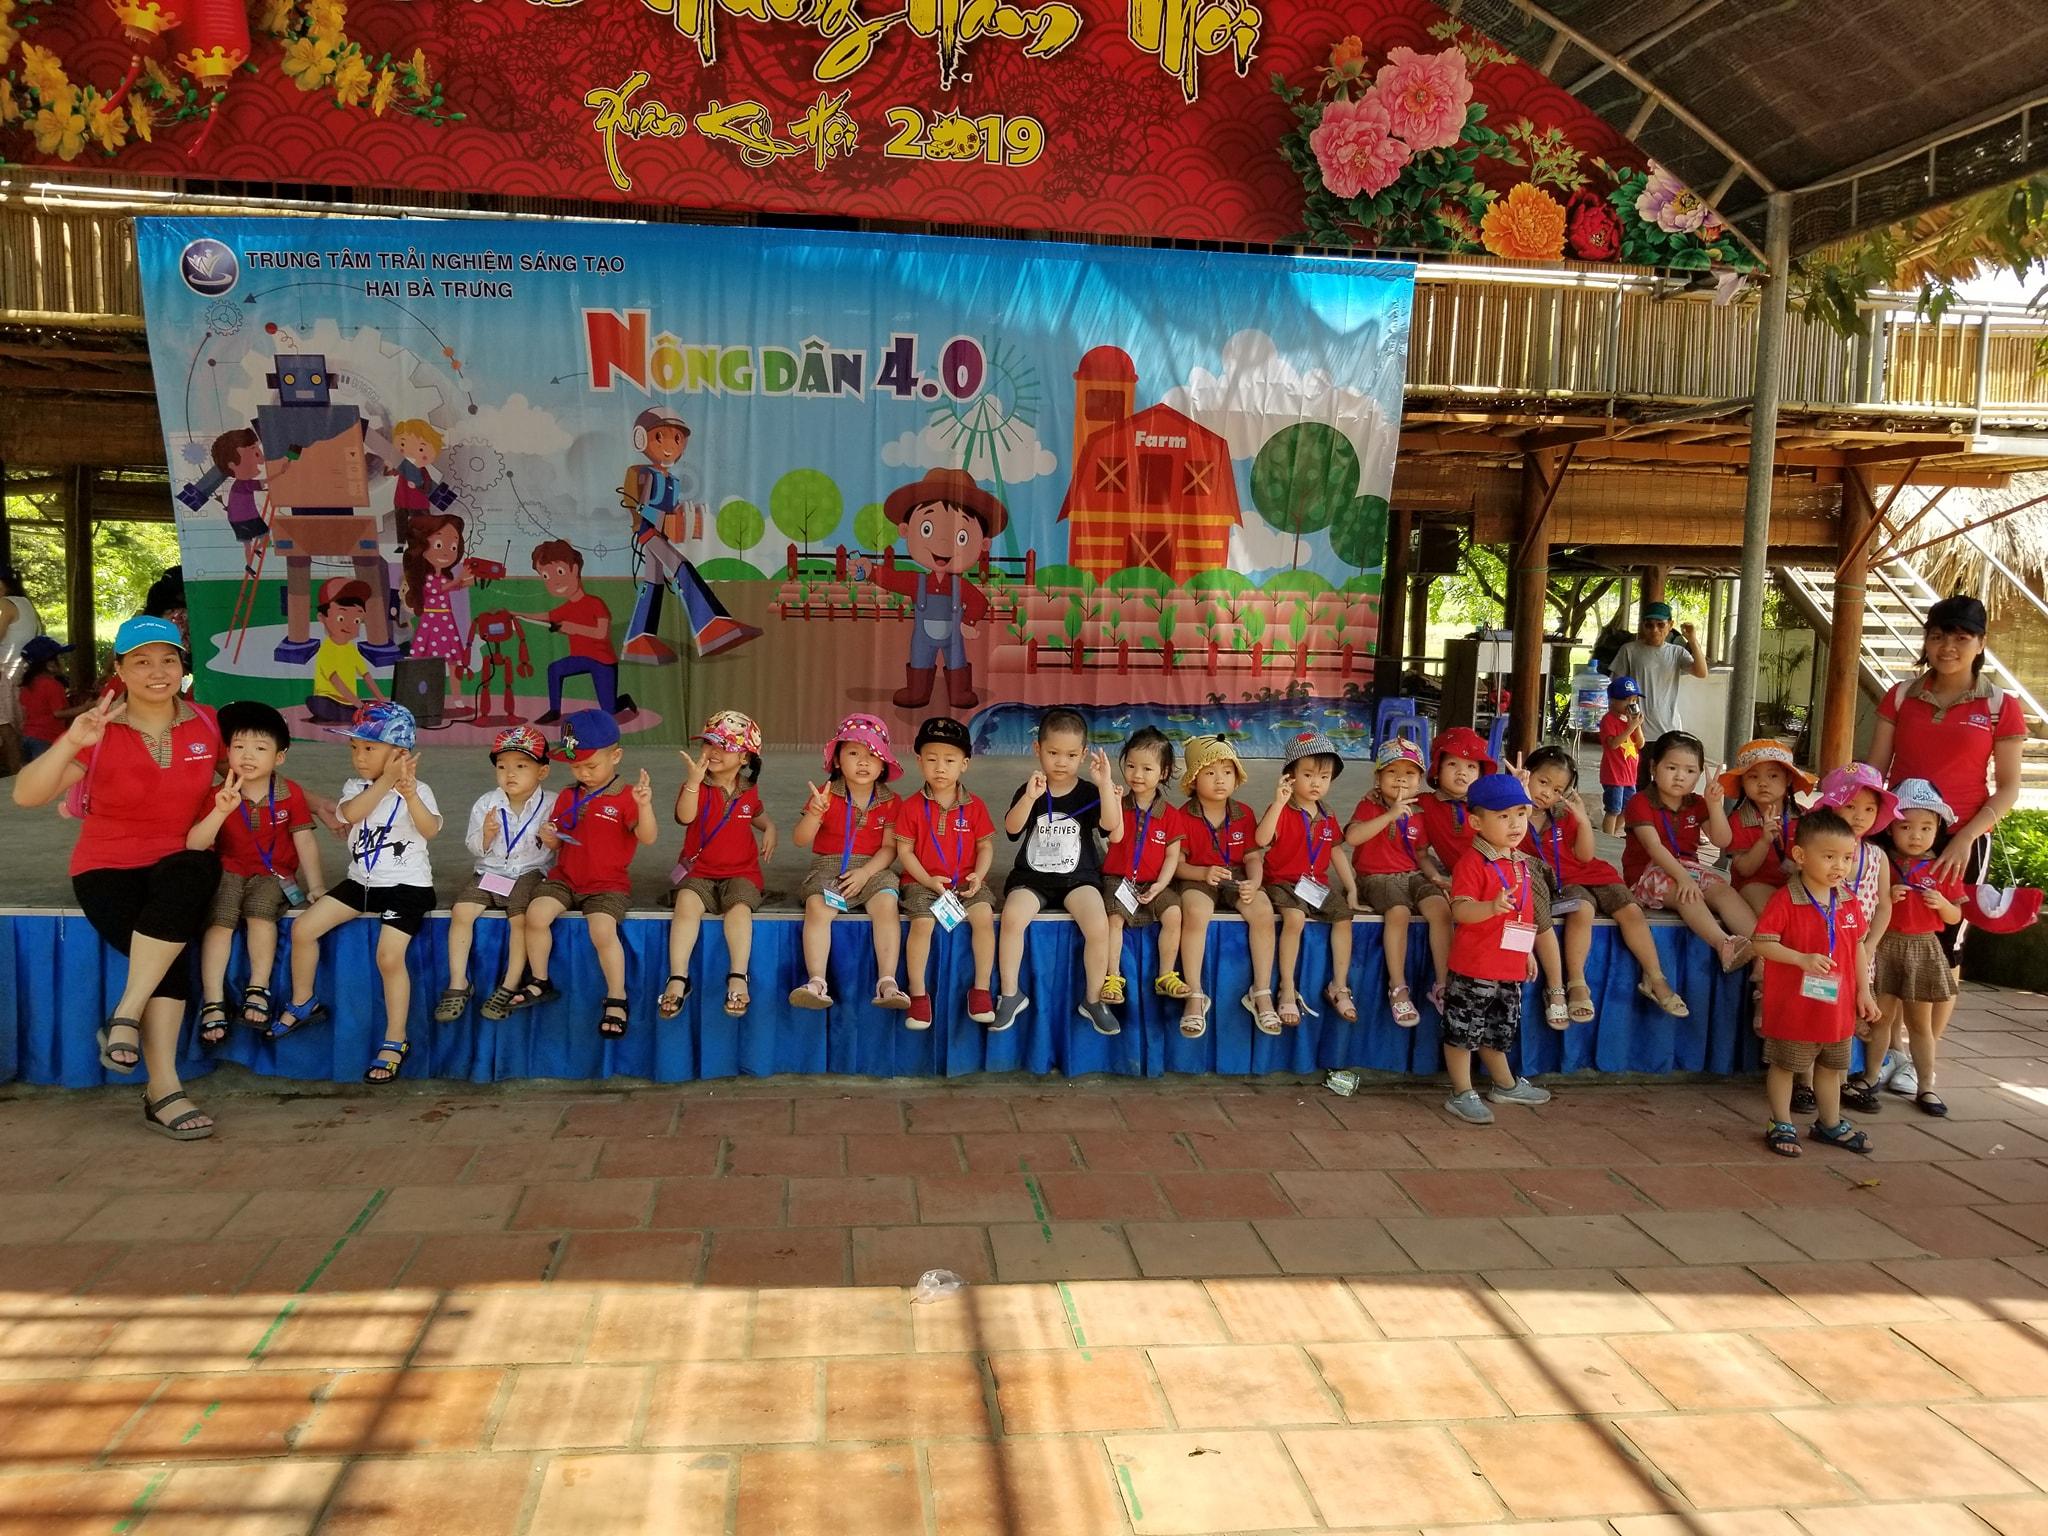 Trường mầm non Hoa Trạng Nguyên - Đà Nẵng, Hải Phòng